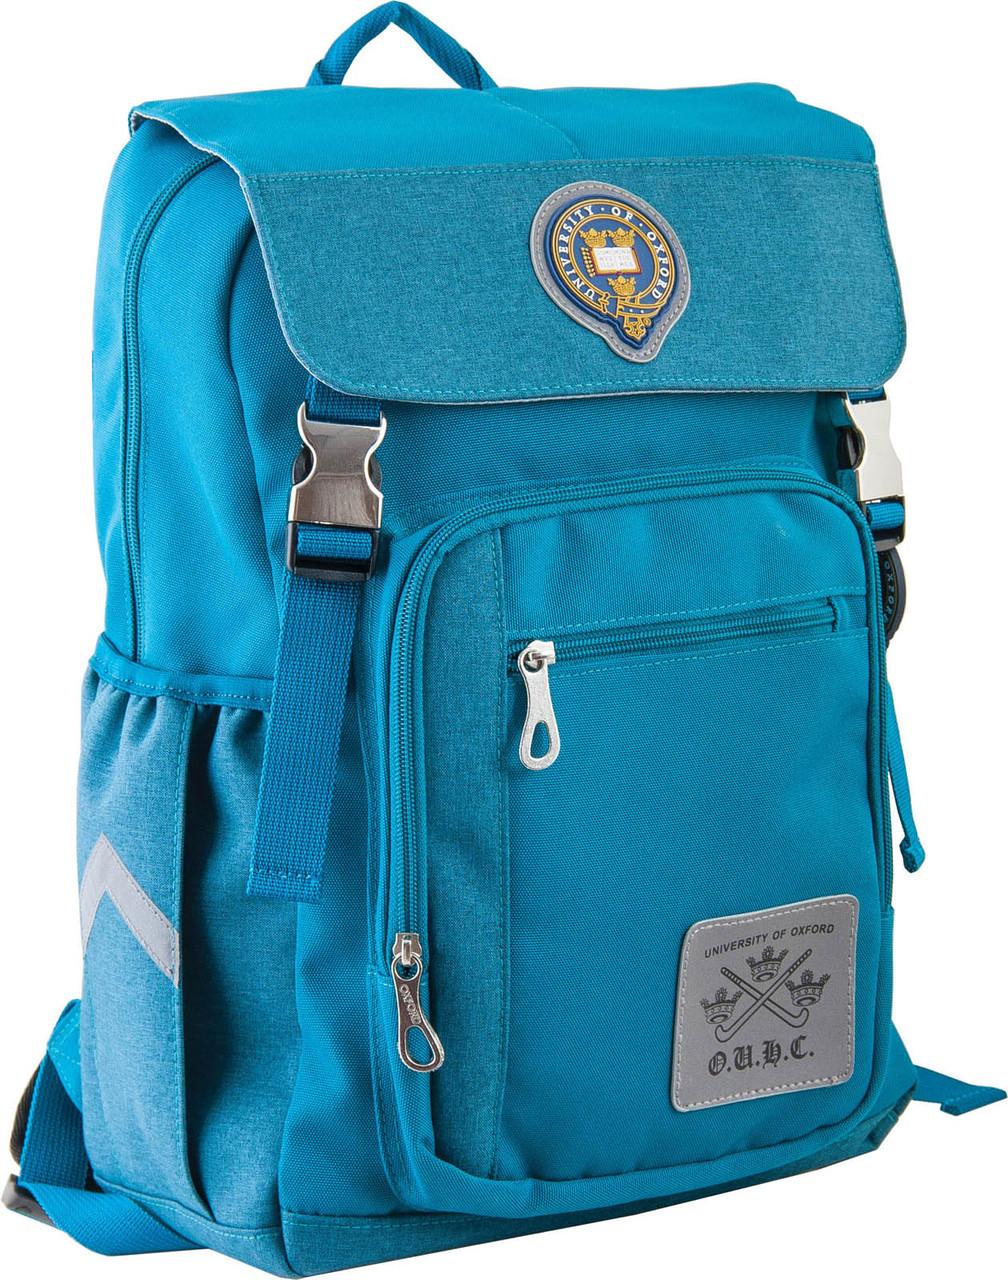 Подростковый рюкзак OX 283 OXFORD, 554110 бирюзовый 16 л